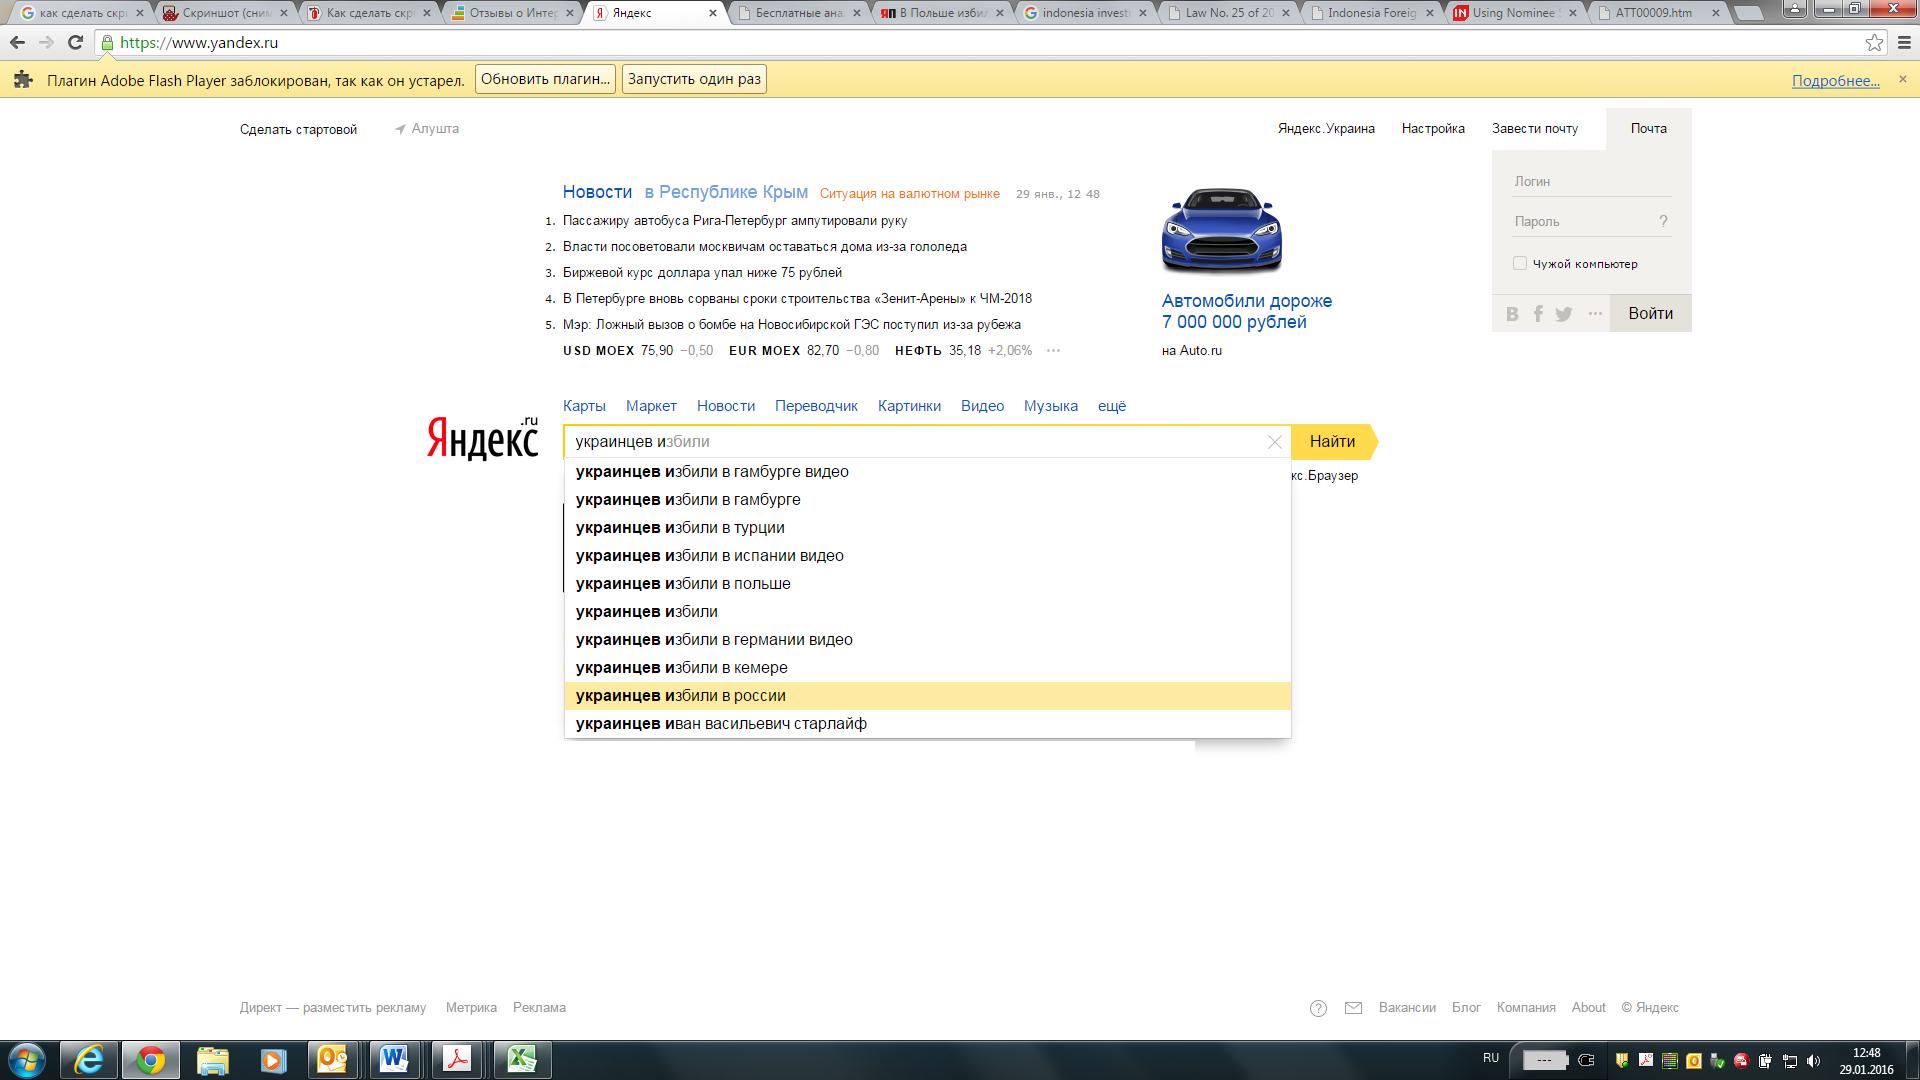 Чтобы использовать Яндекс. Деньги, украинцам теперь нужно 46